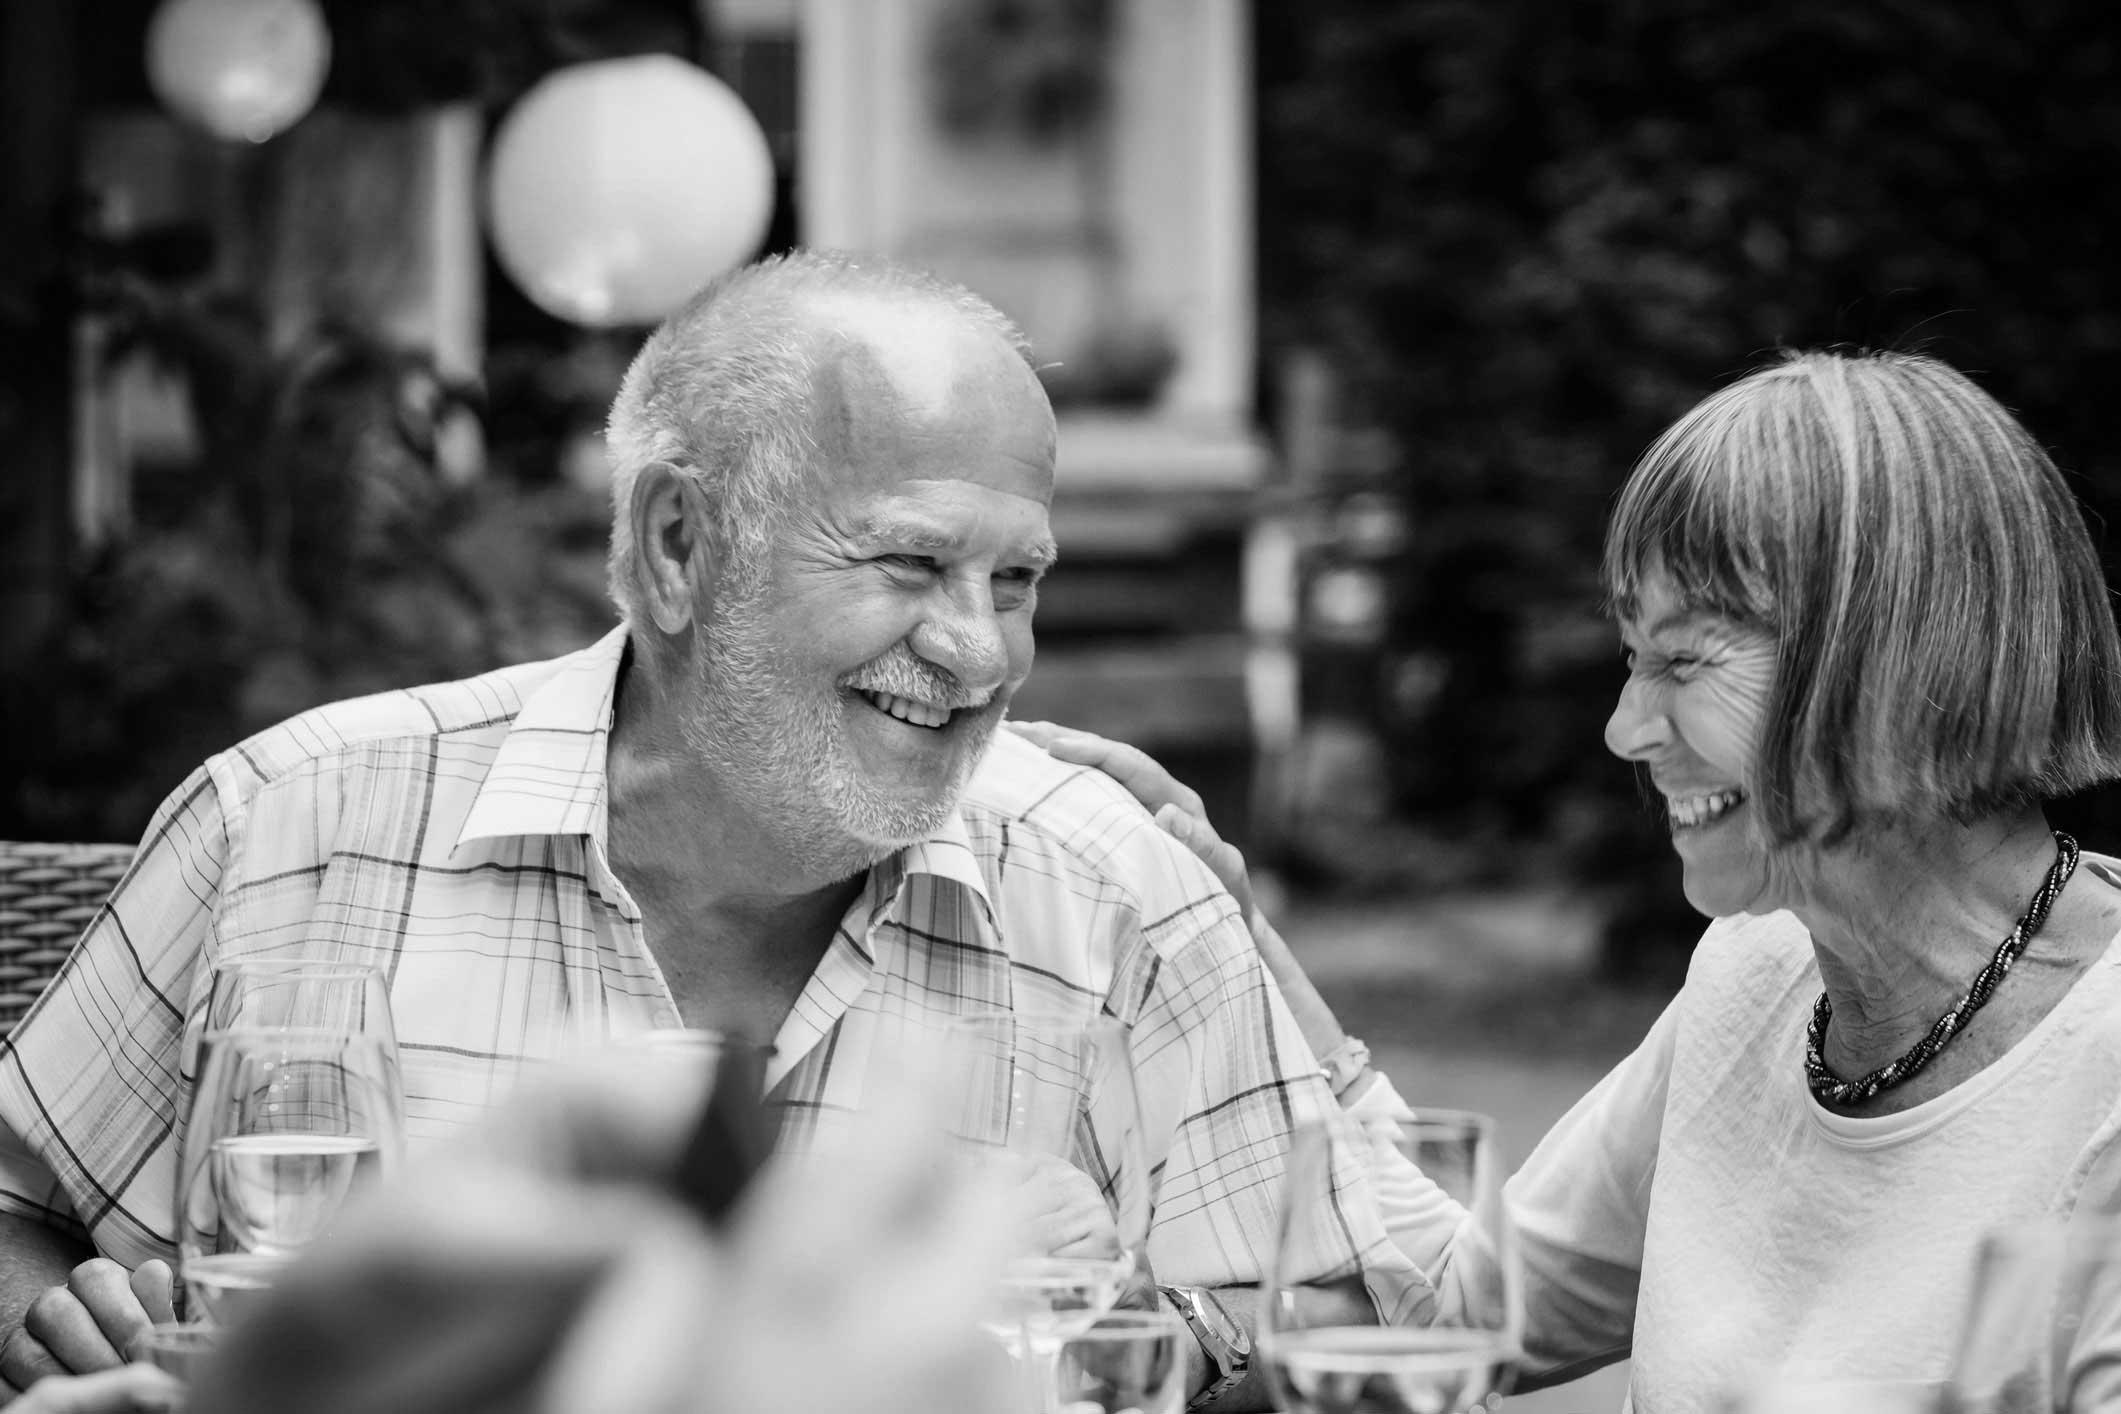 Ældre smilende ægtepar hygger sig på restaurant